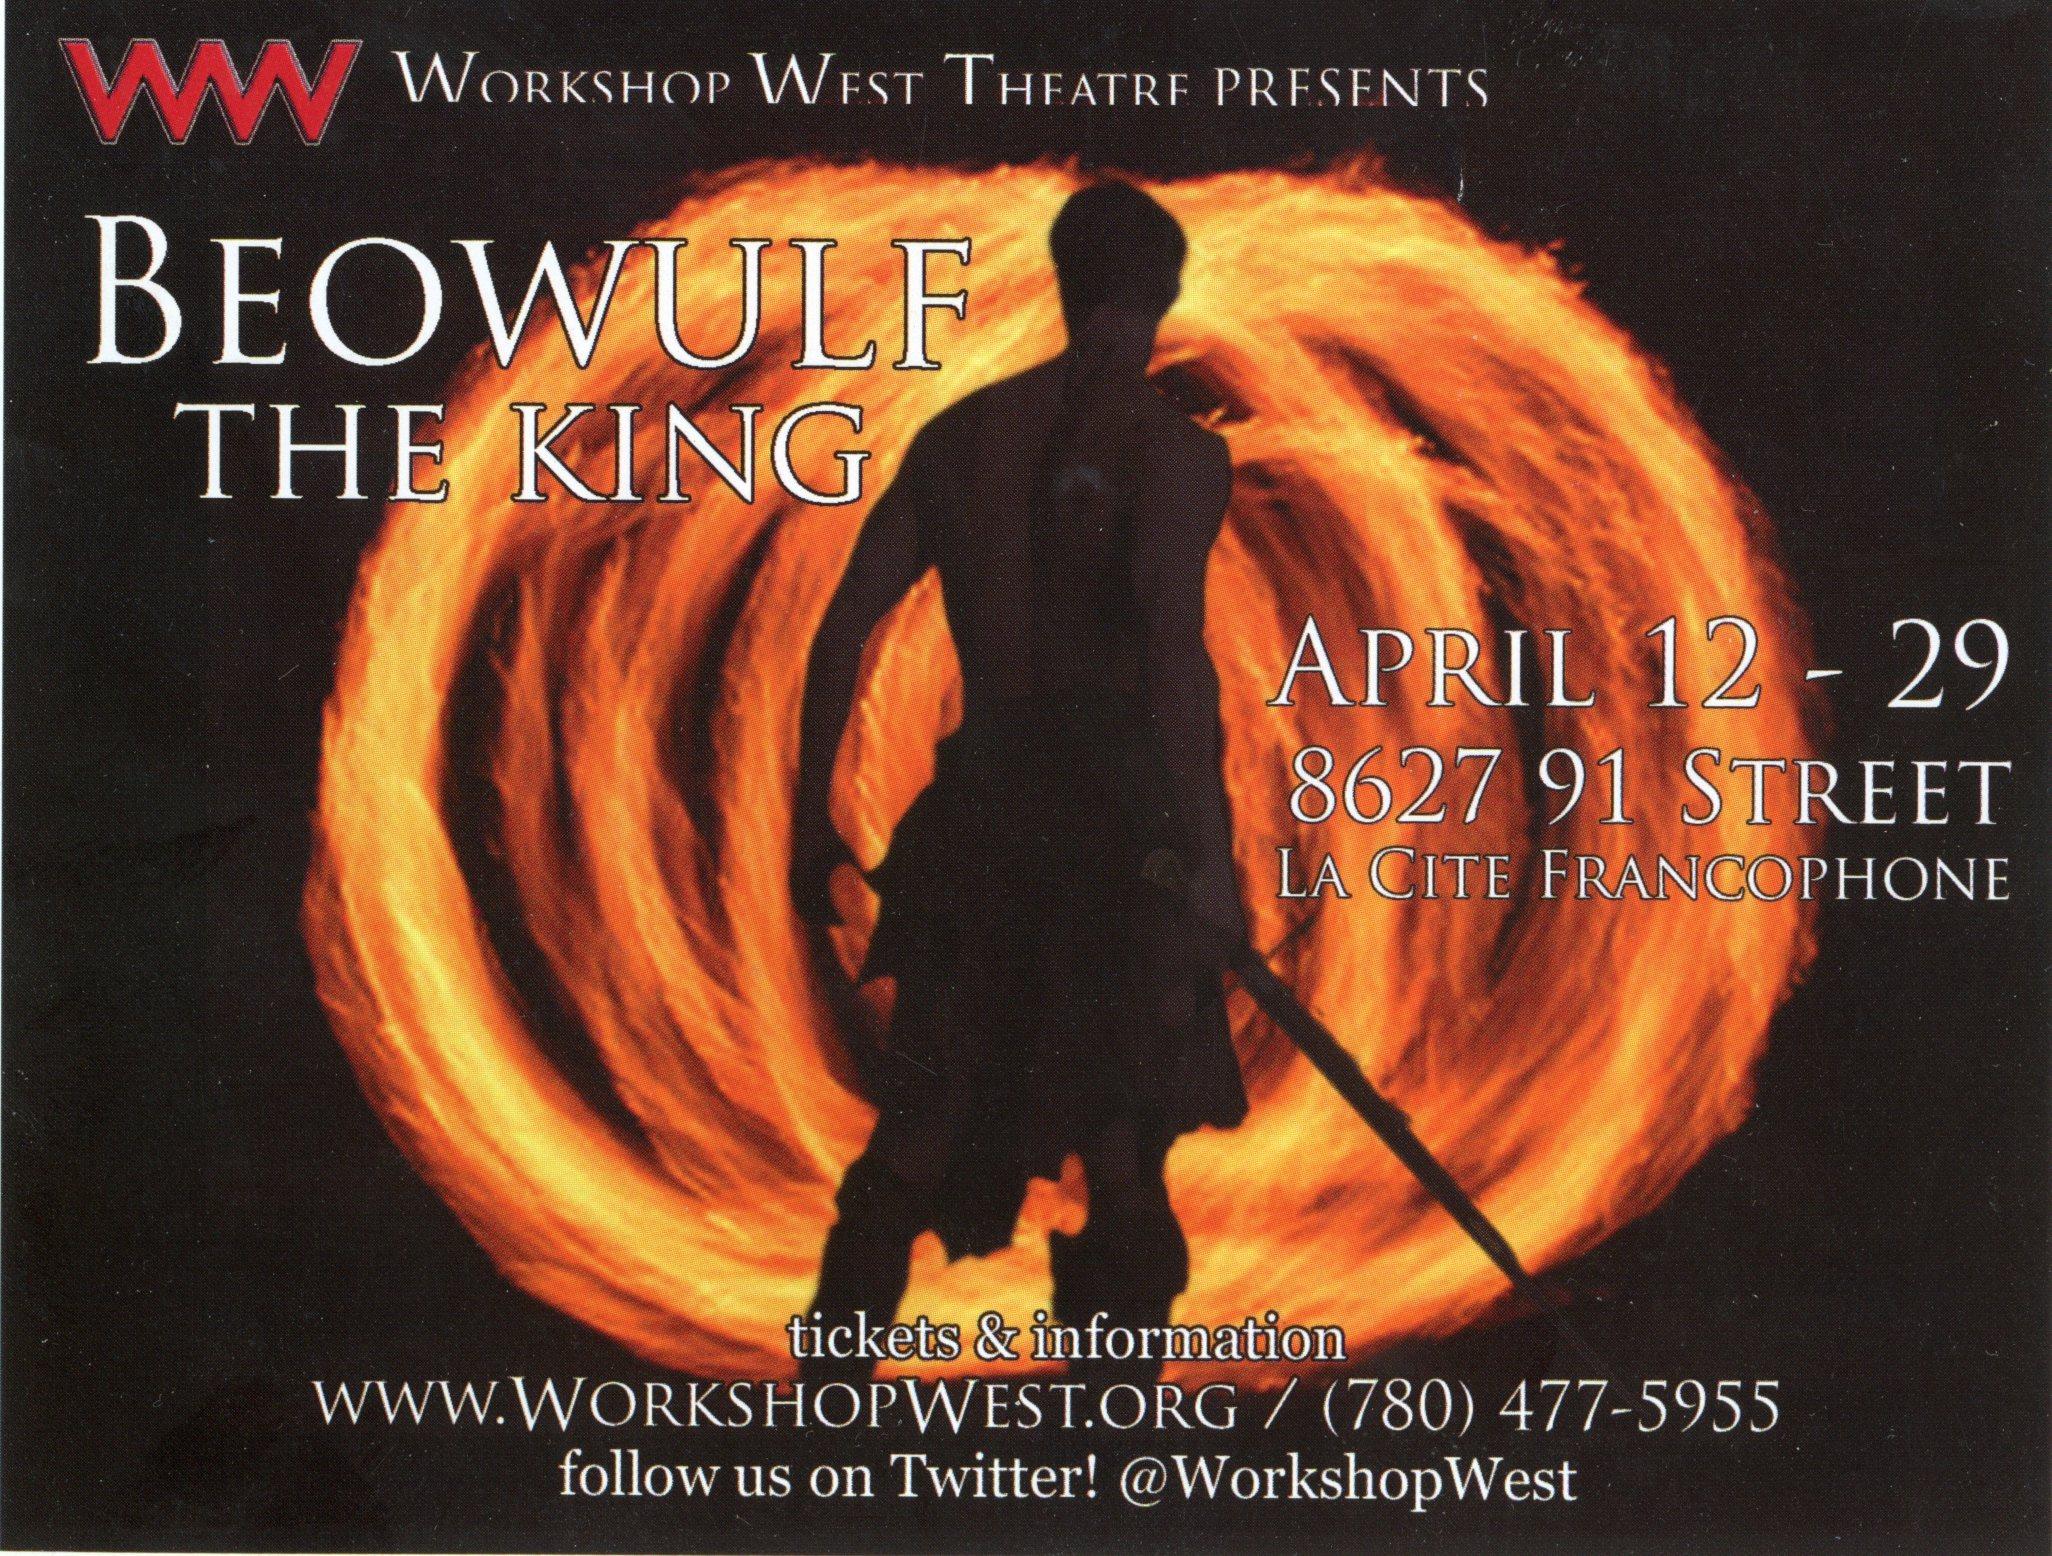 Beowulf the King (2012) Handbill Program Information.jpg